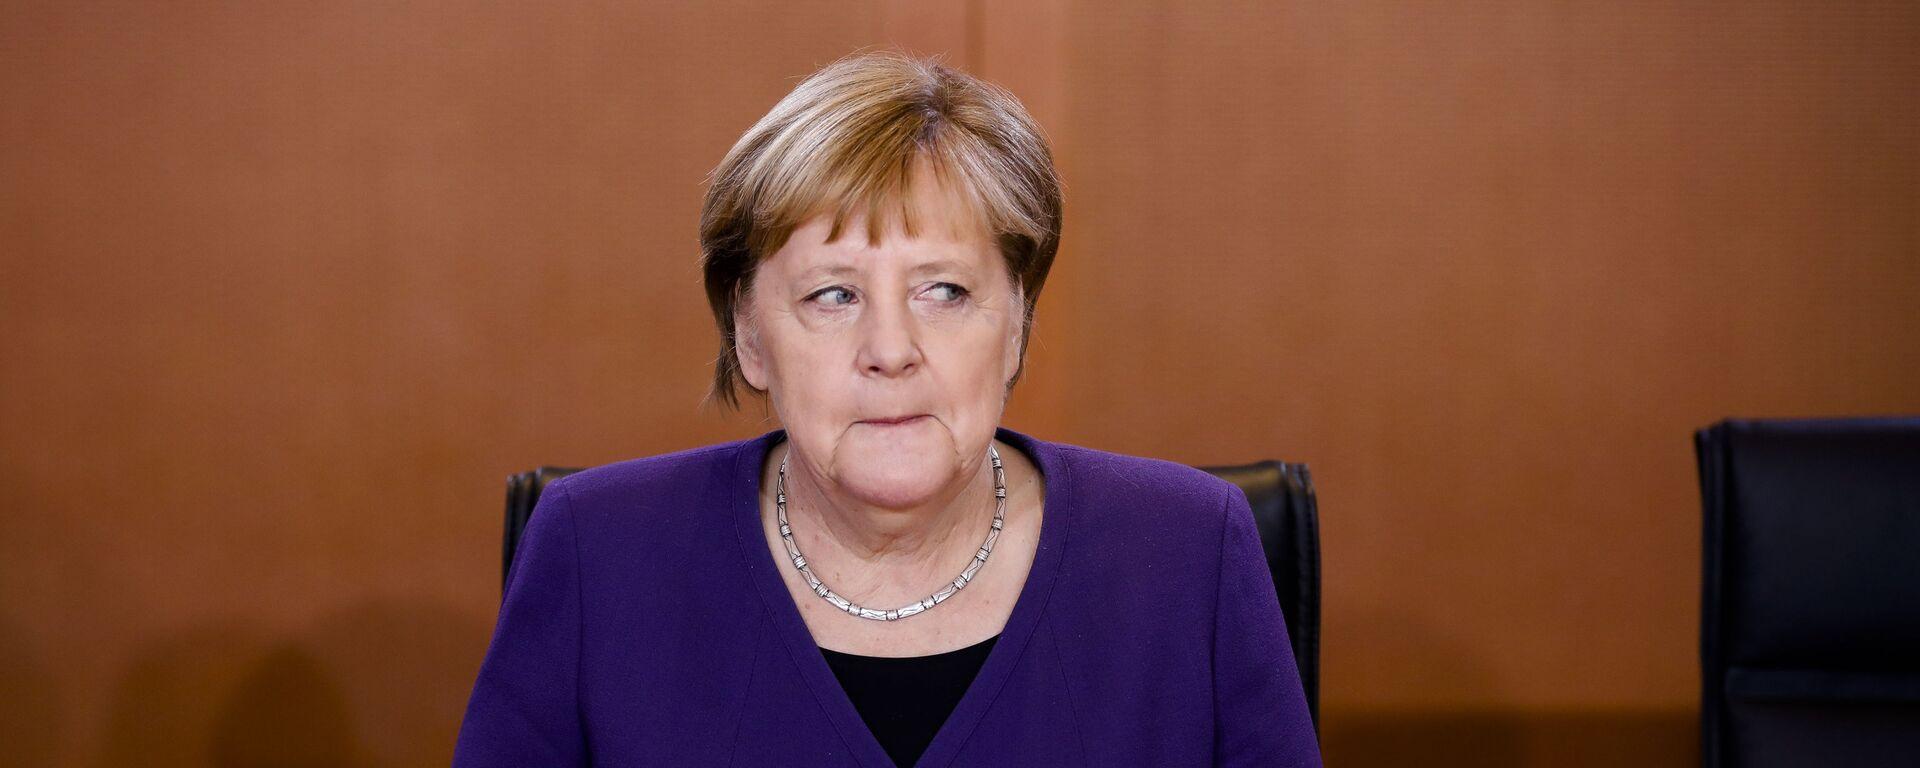 Německá kancléřka Angela Merkelová - Sputnik Česká republika, 1920, 08.06.2021